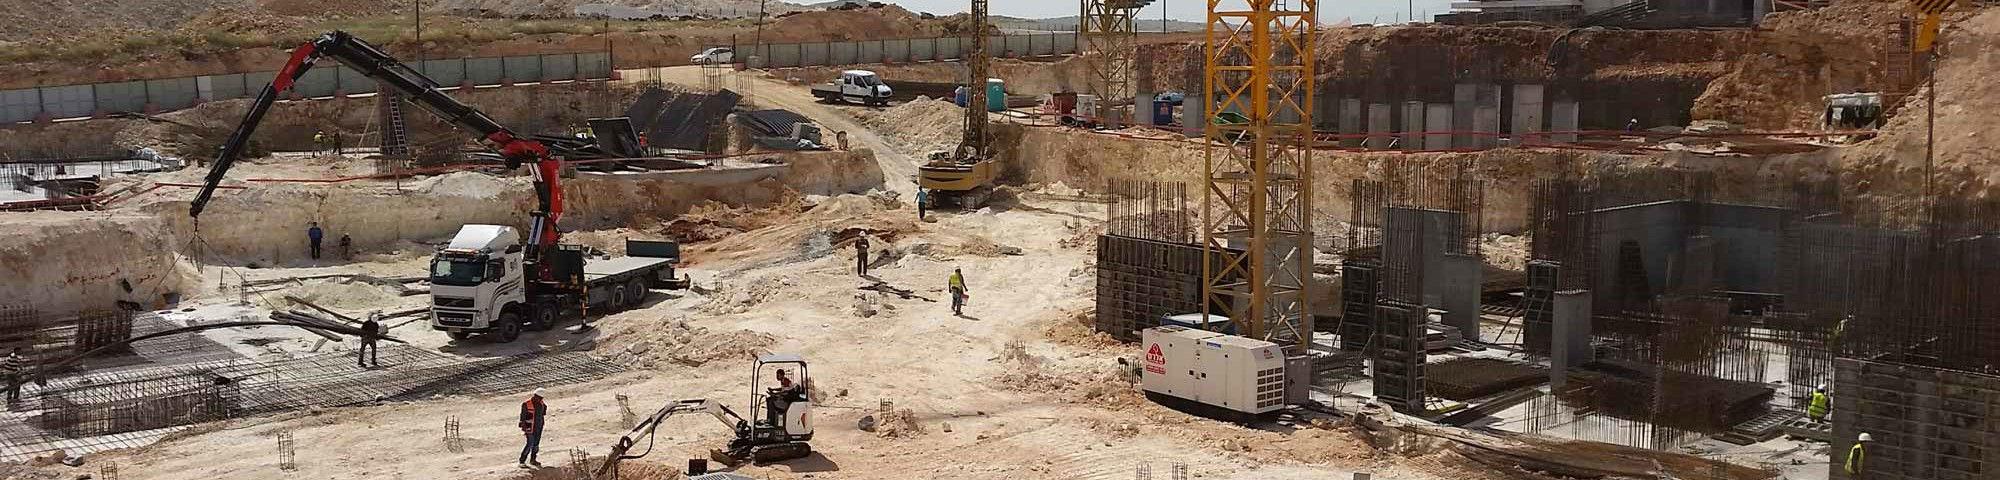 אתר בנייה ובמרכזו גנרטור עוצמתי מבית חברת אלרם